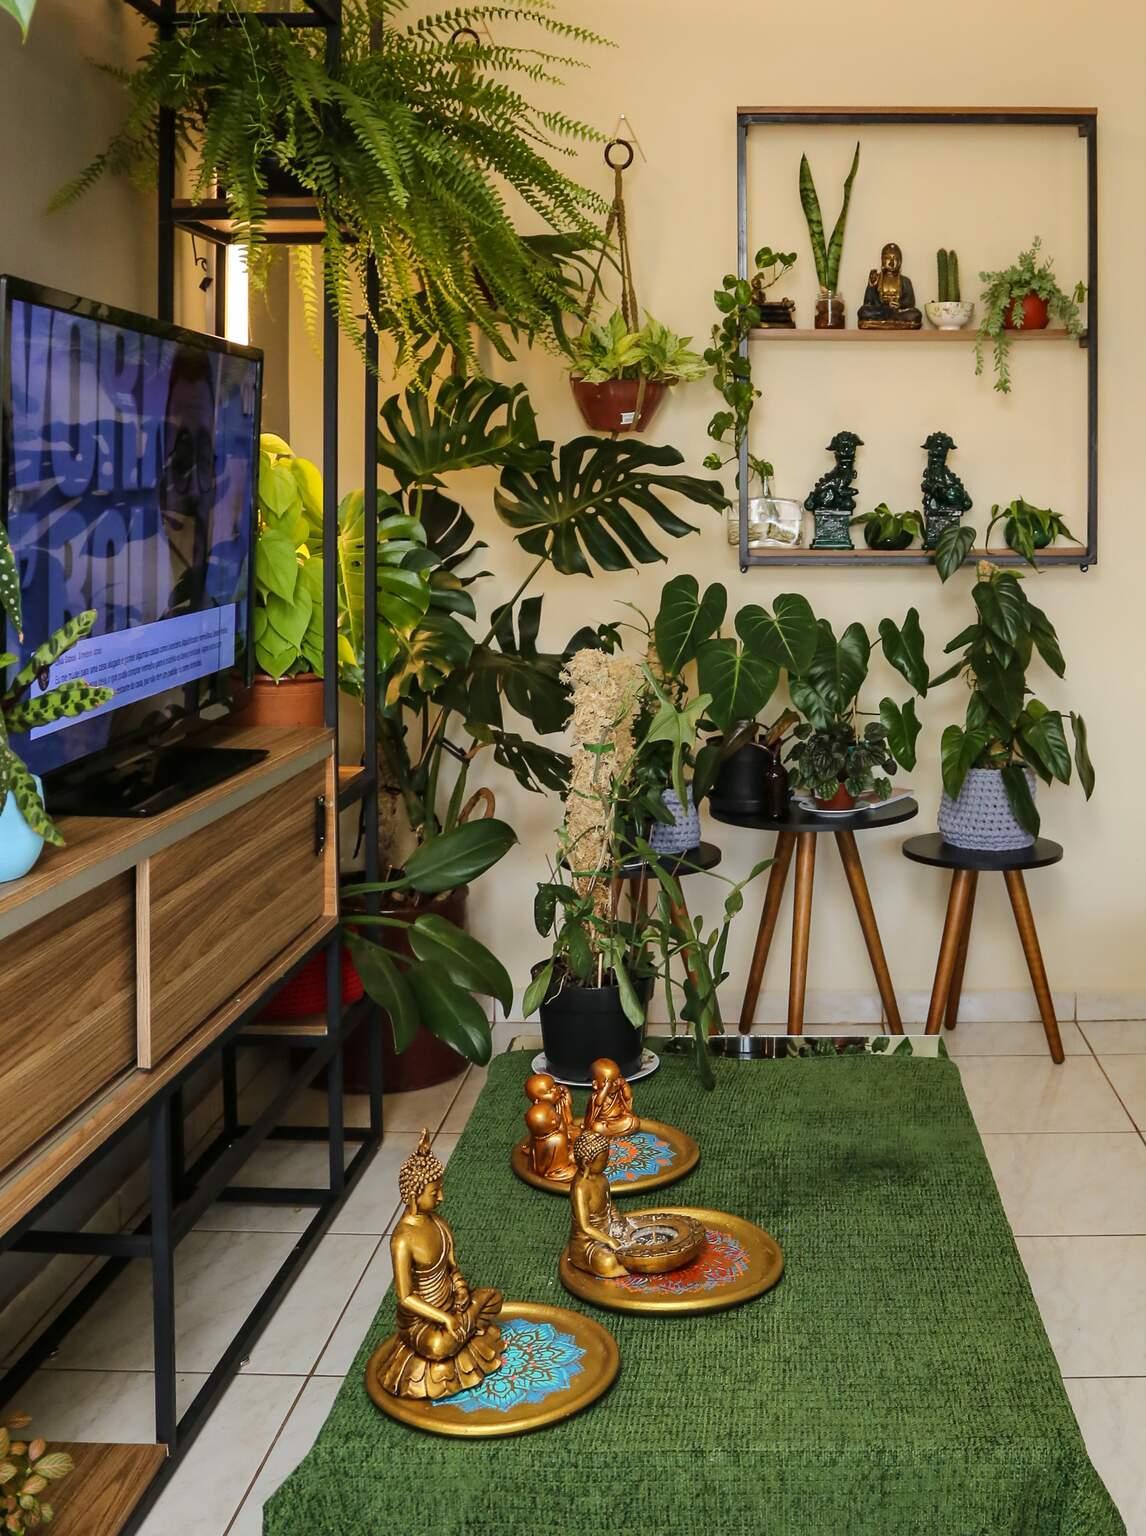 Além das plantas, ele aposta em vários itens decorativos. (Foto: Kísie Ainoã)